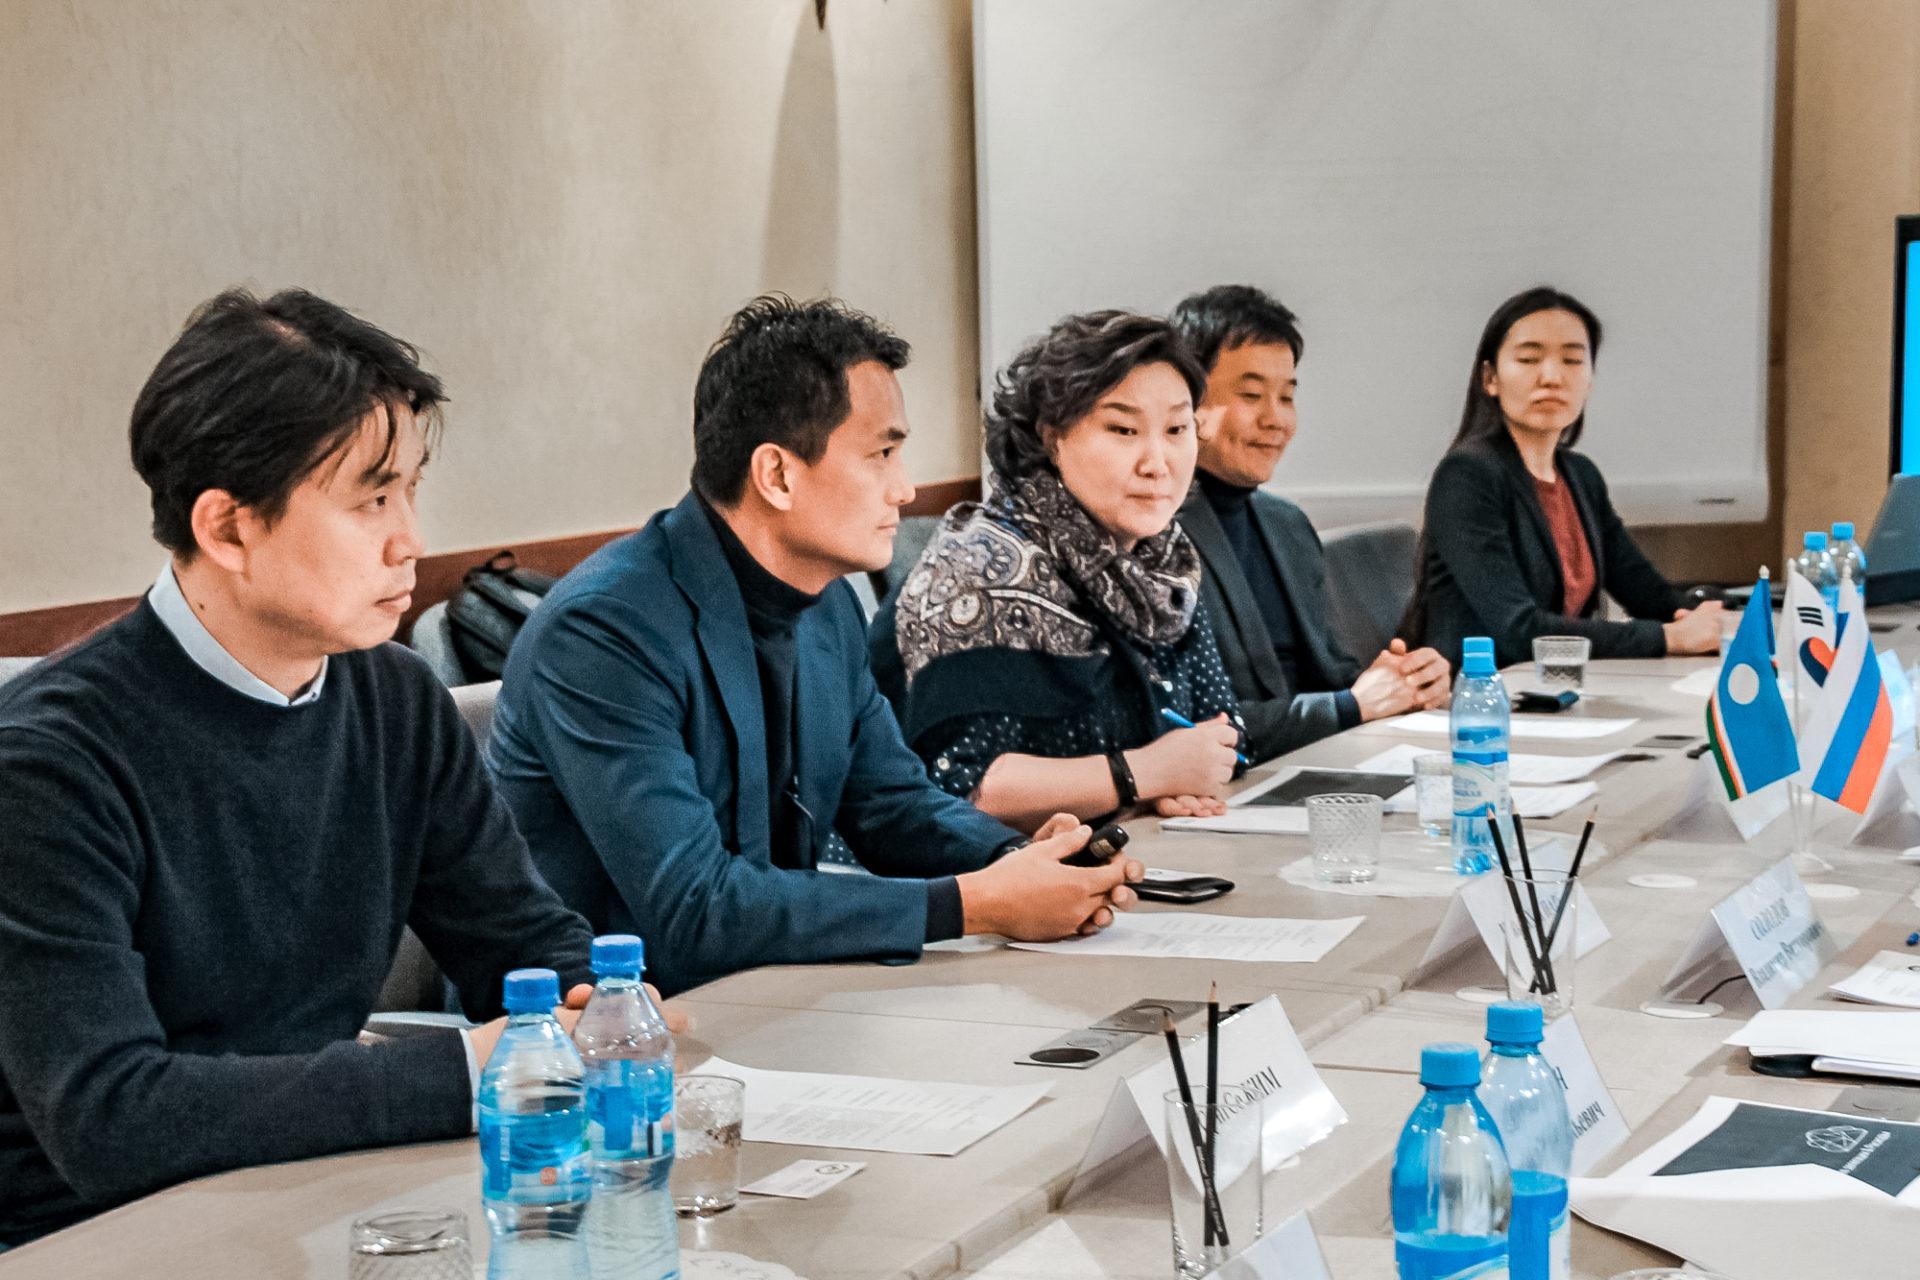 Корейская IT-компания планирует открыть академию на базе СВФУ им. М.К. Аммосова